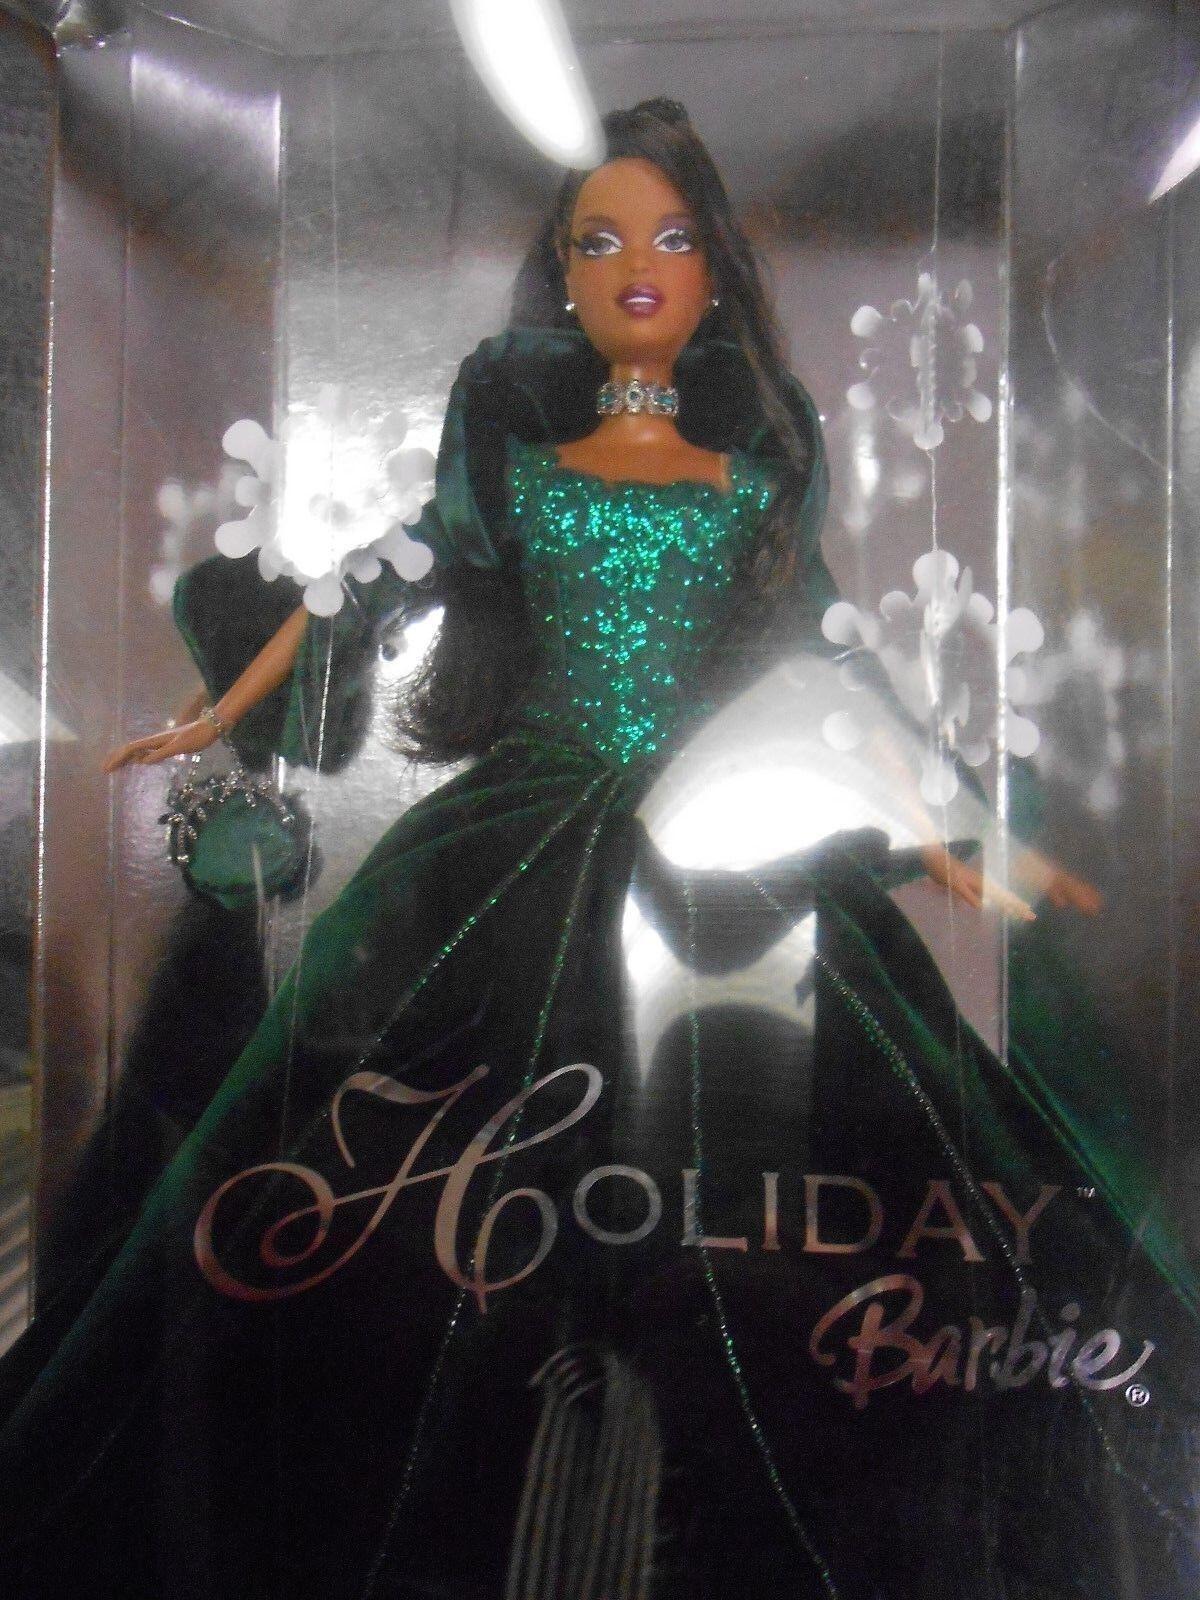 2004 Vacaciones Barbie Muñeca celebración afroamericano Navidad